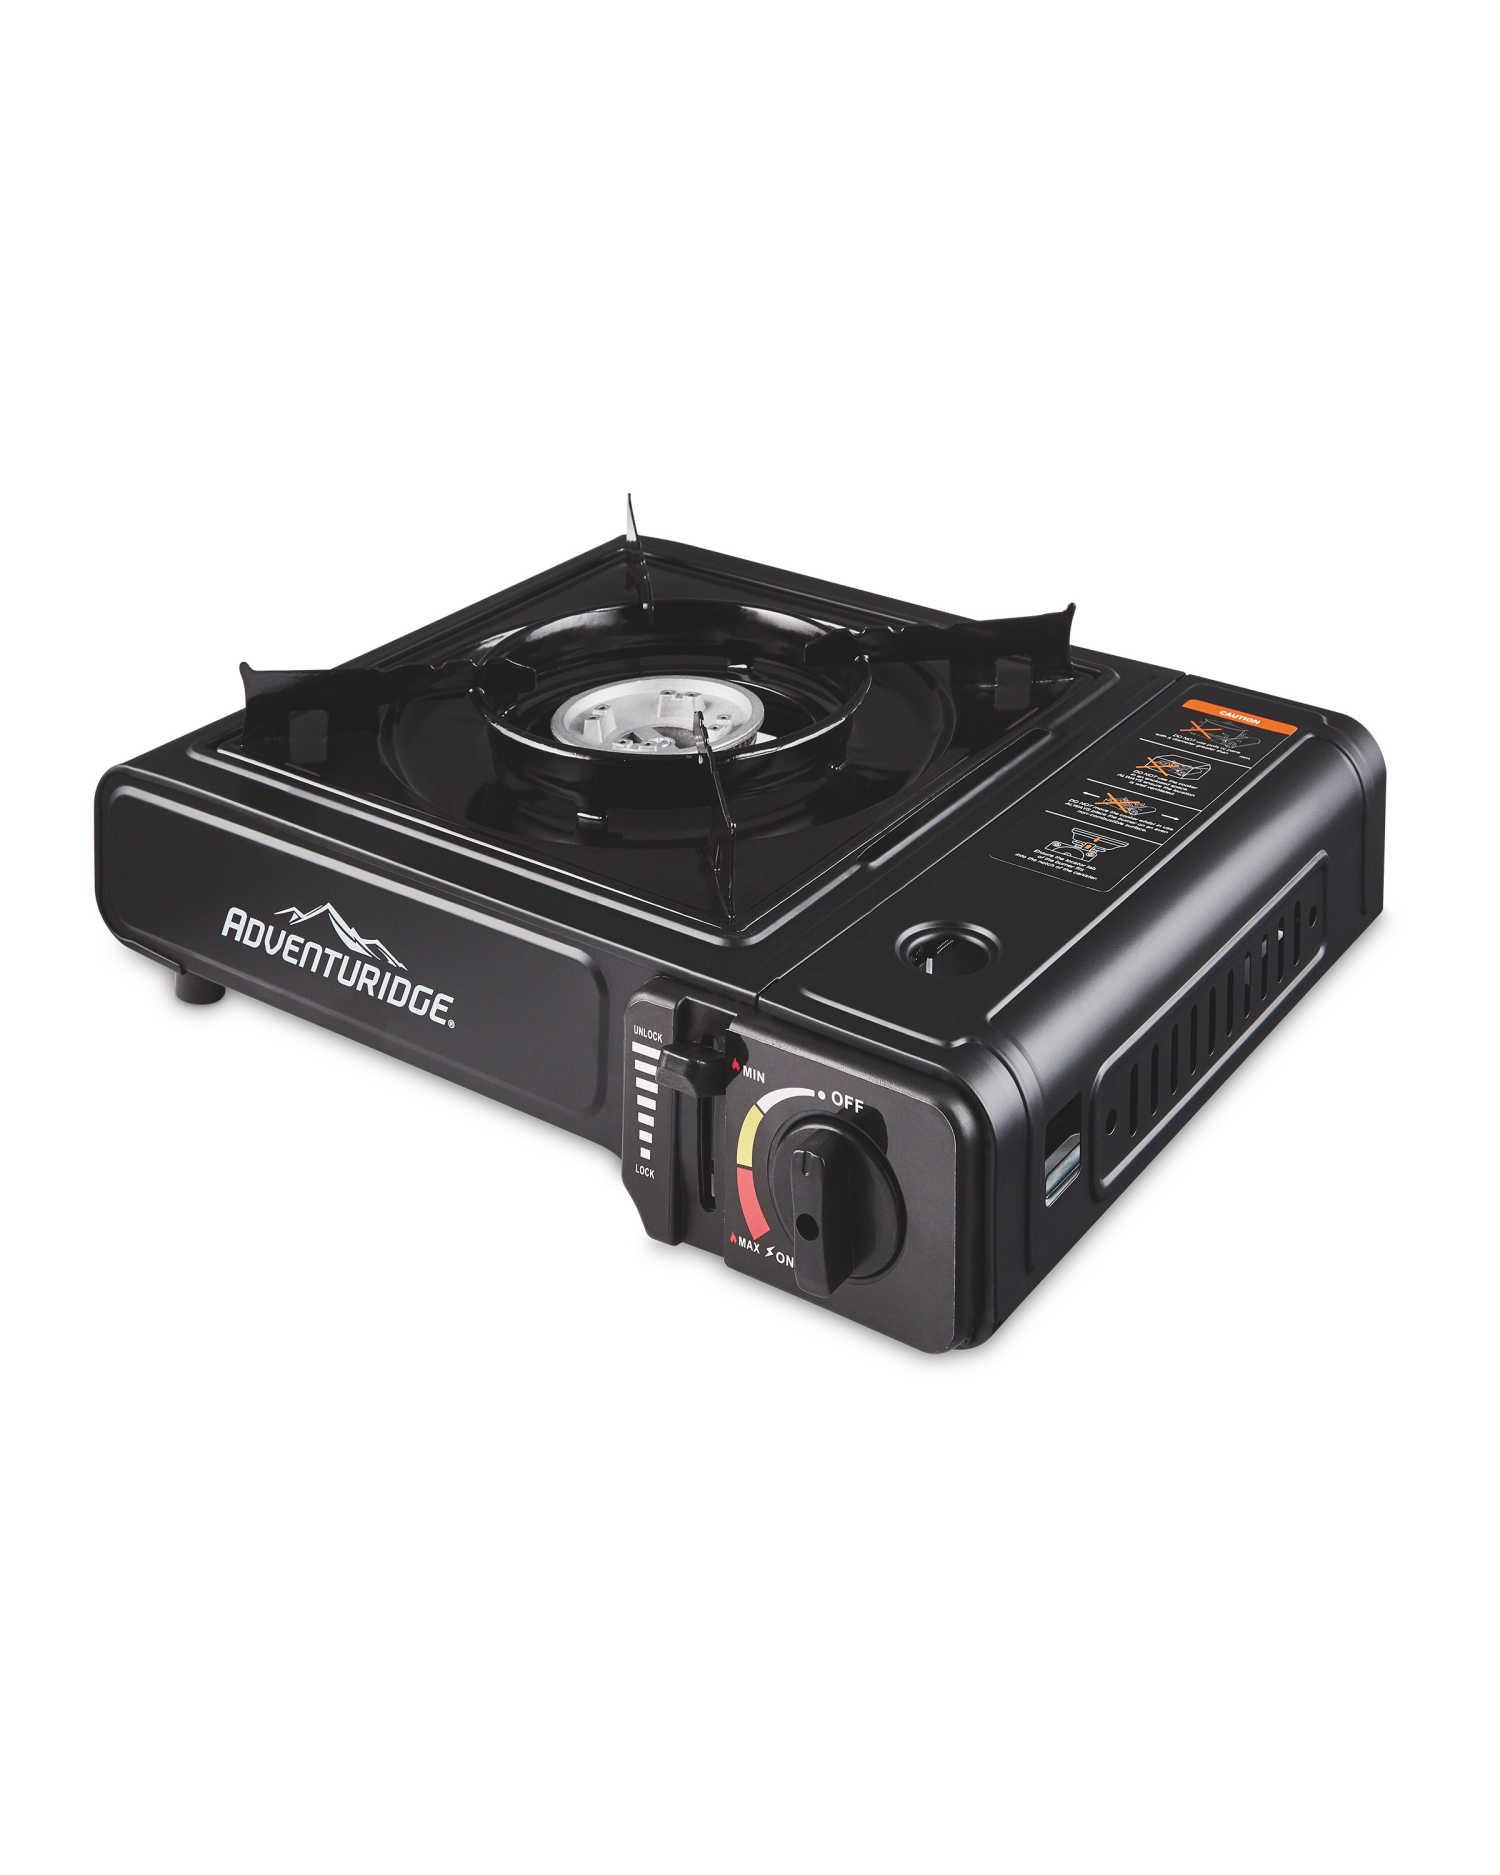 Adventuridge Portable Gas Cooker - £9.99 / £12.94 delivered @ Aldi